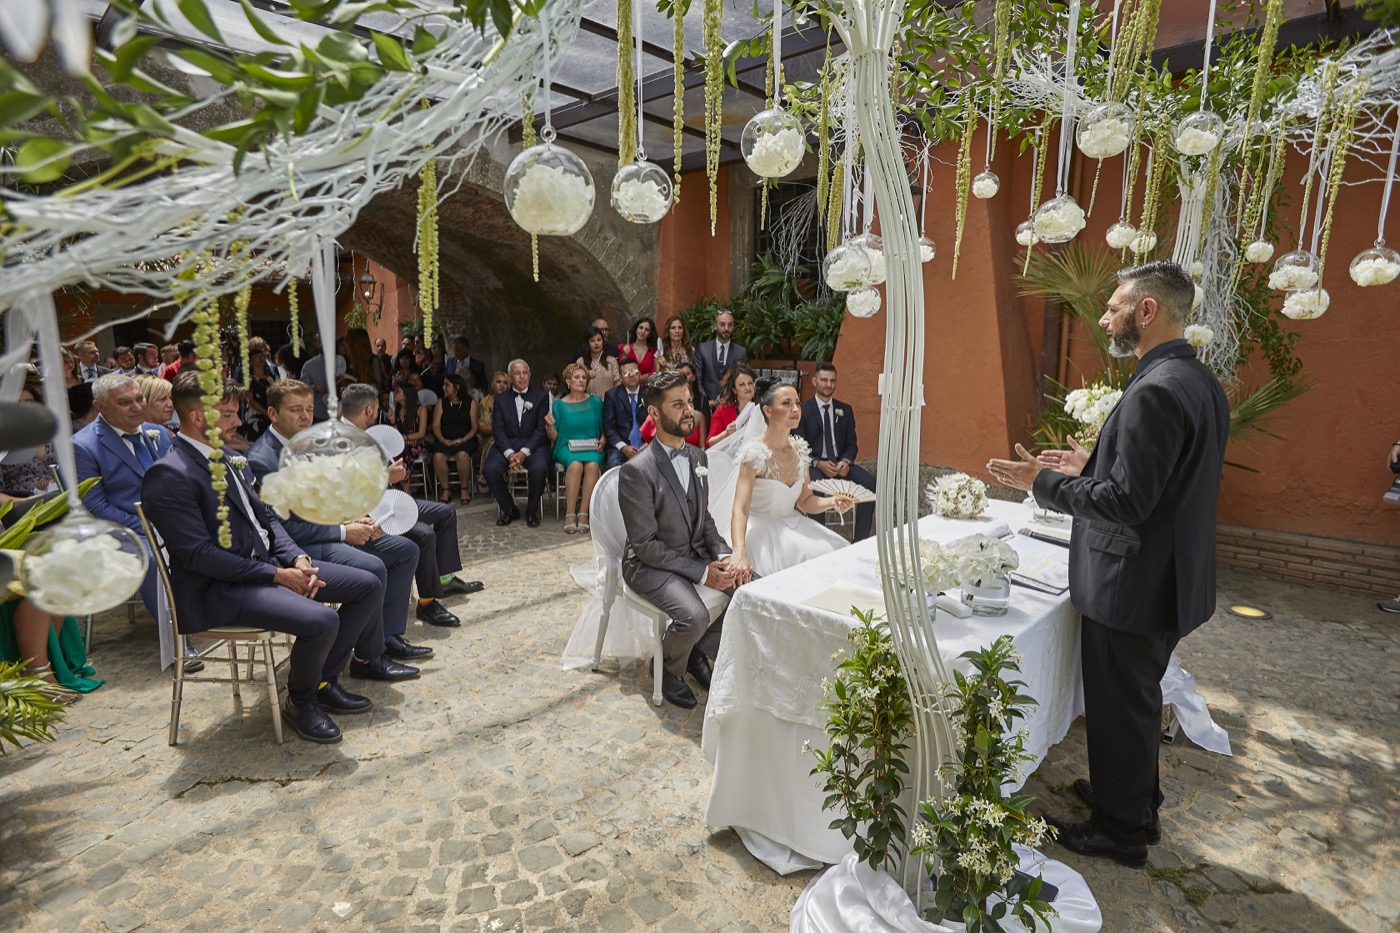 Claudio-Coppola-wedding-photographer-villa-del-cardinale-rocca-di-papa-castel-gandolfo-33